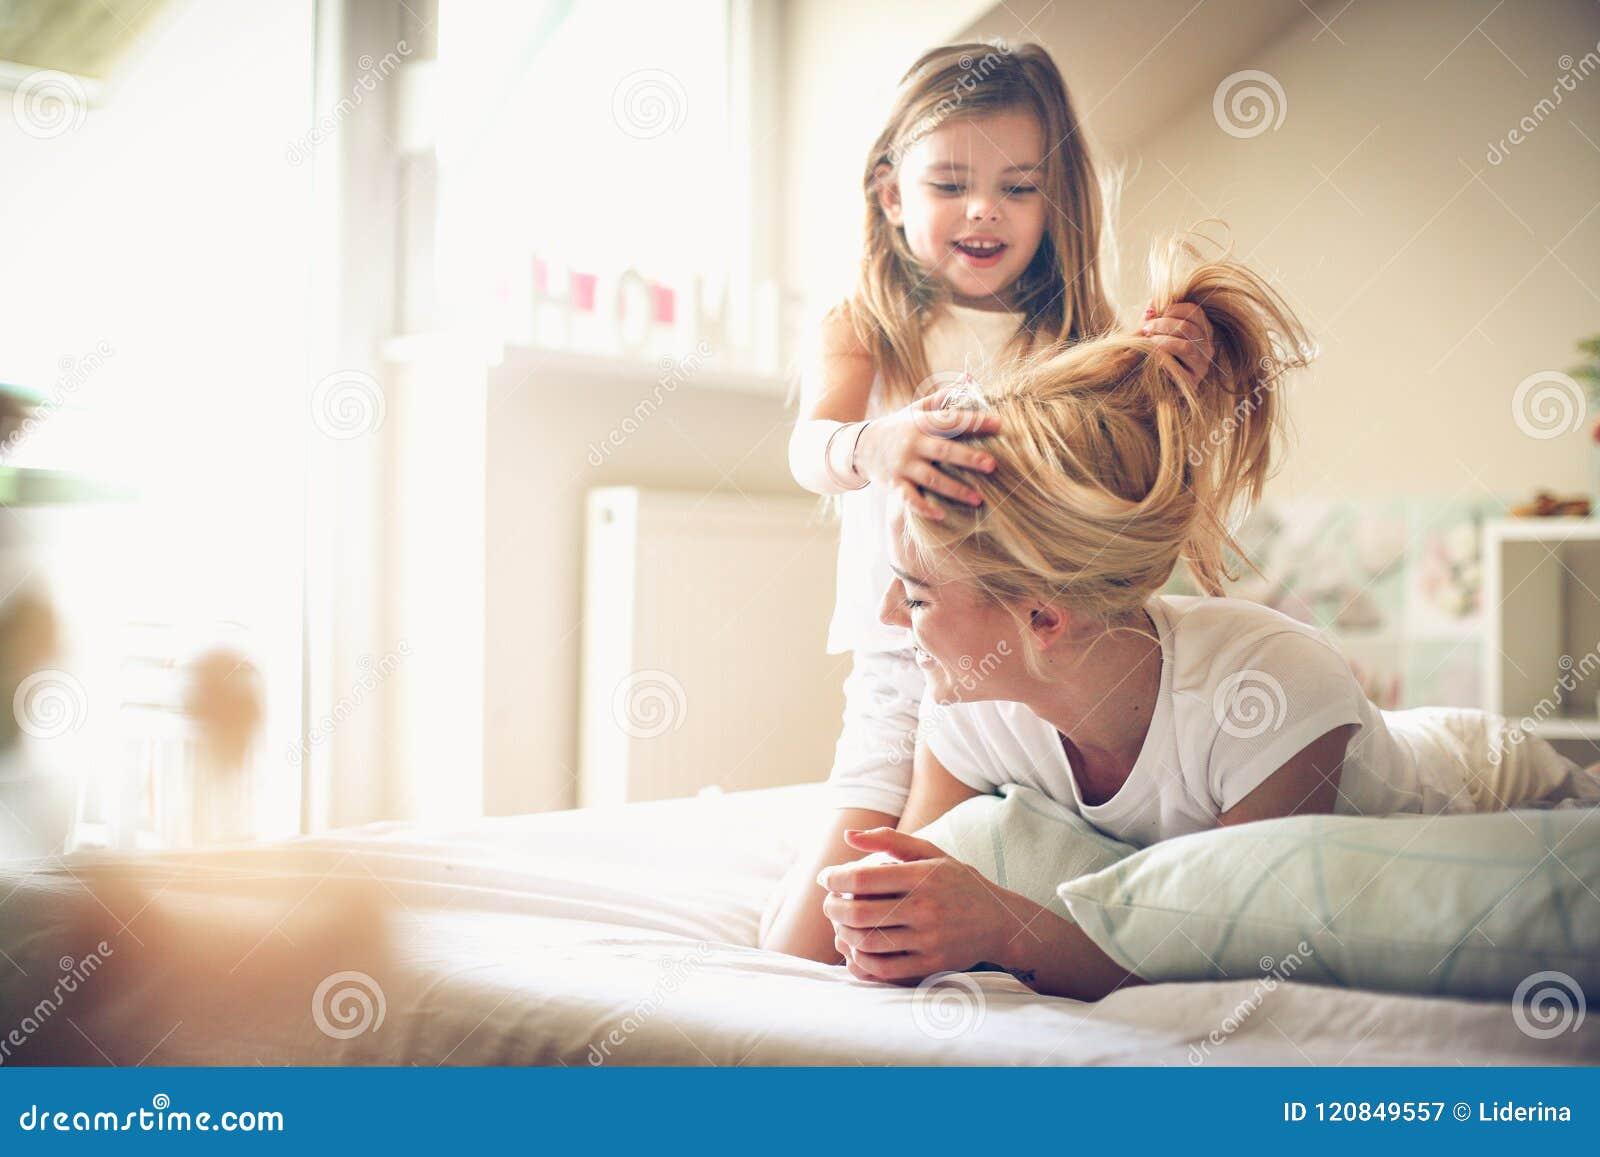 I am moms hairdresser little girl